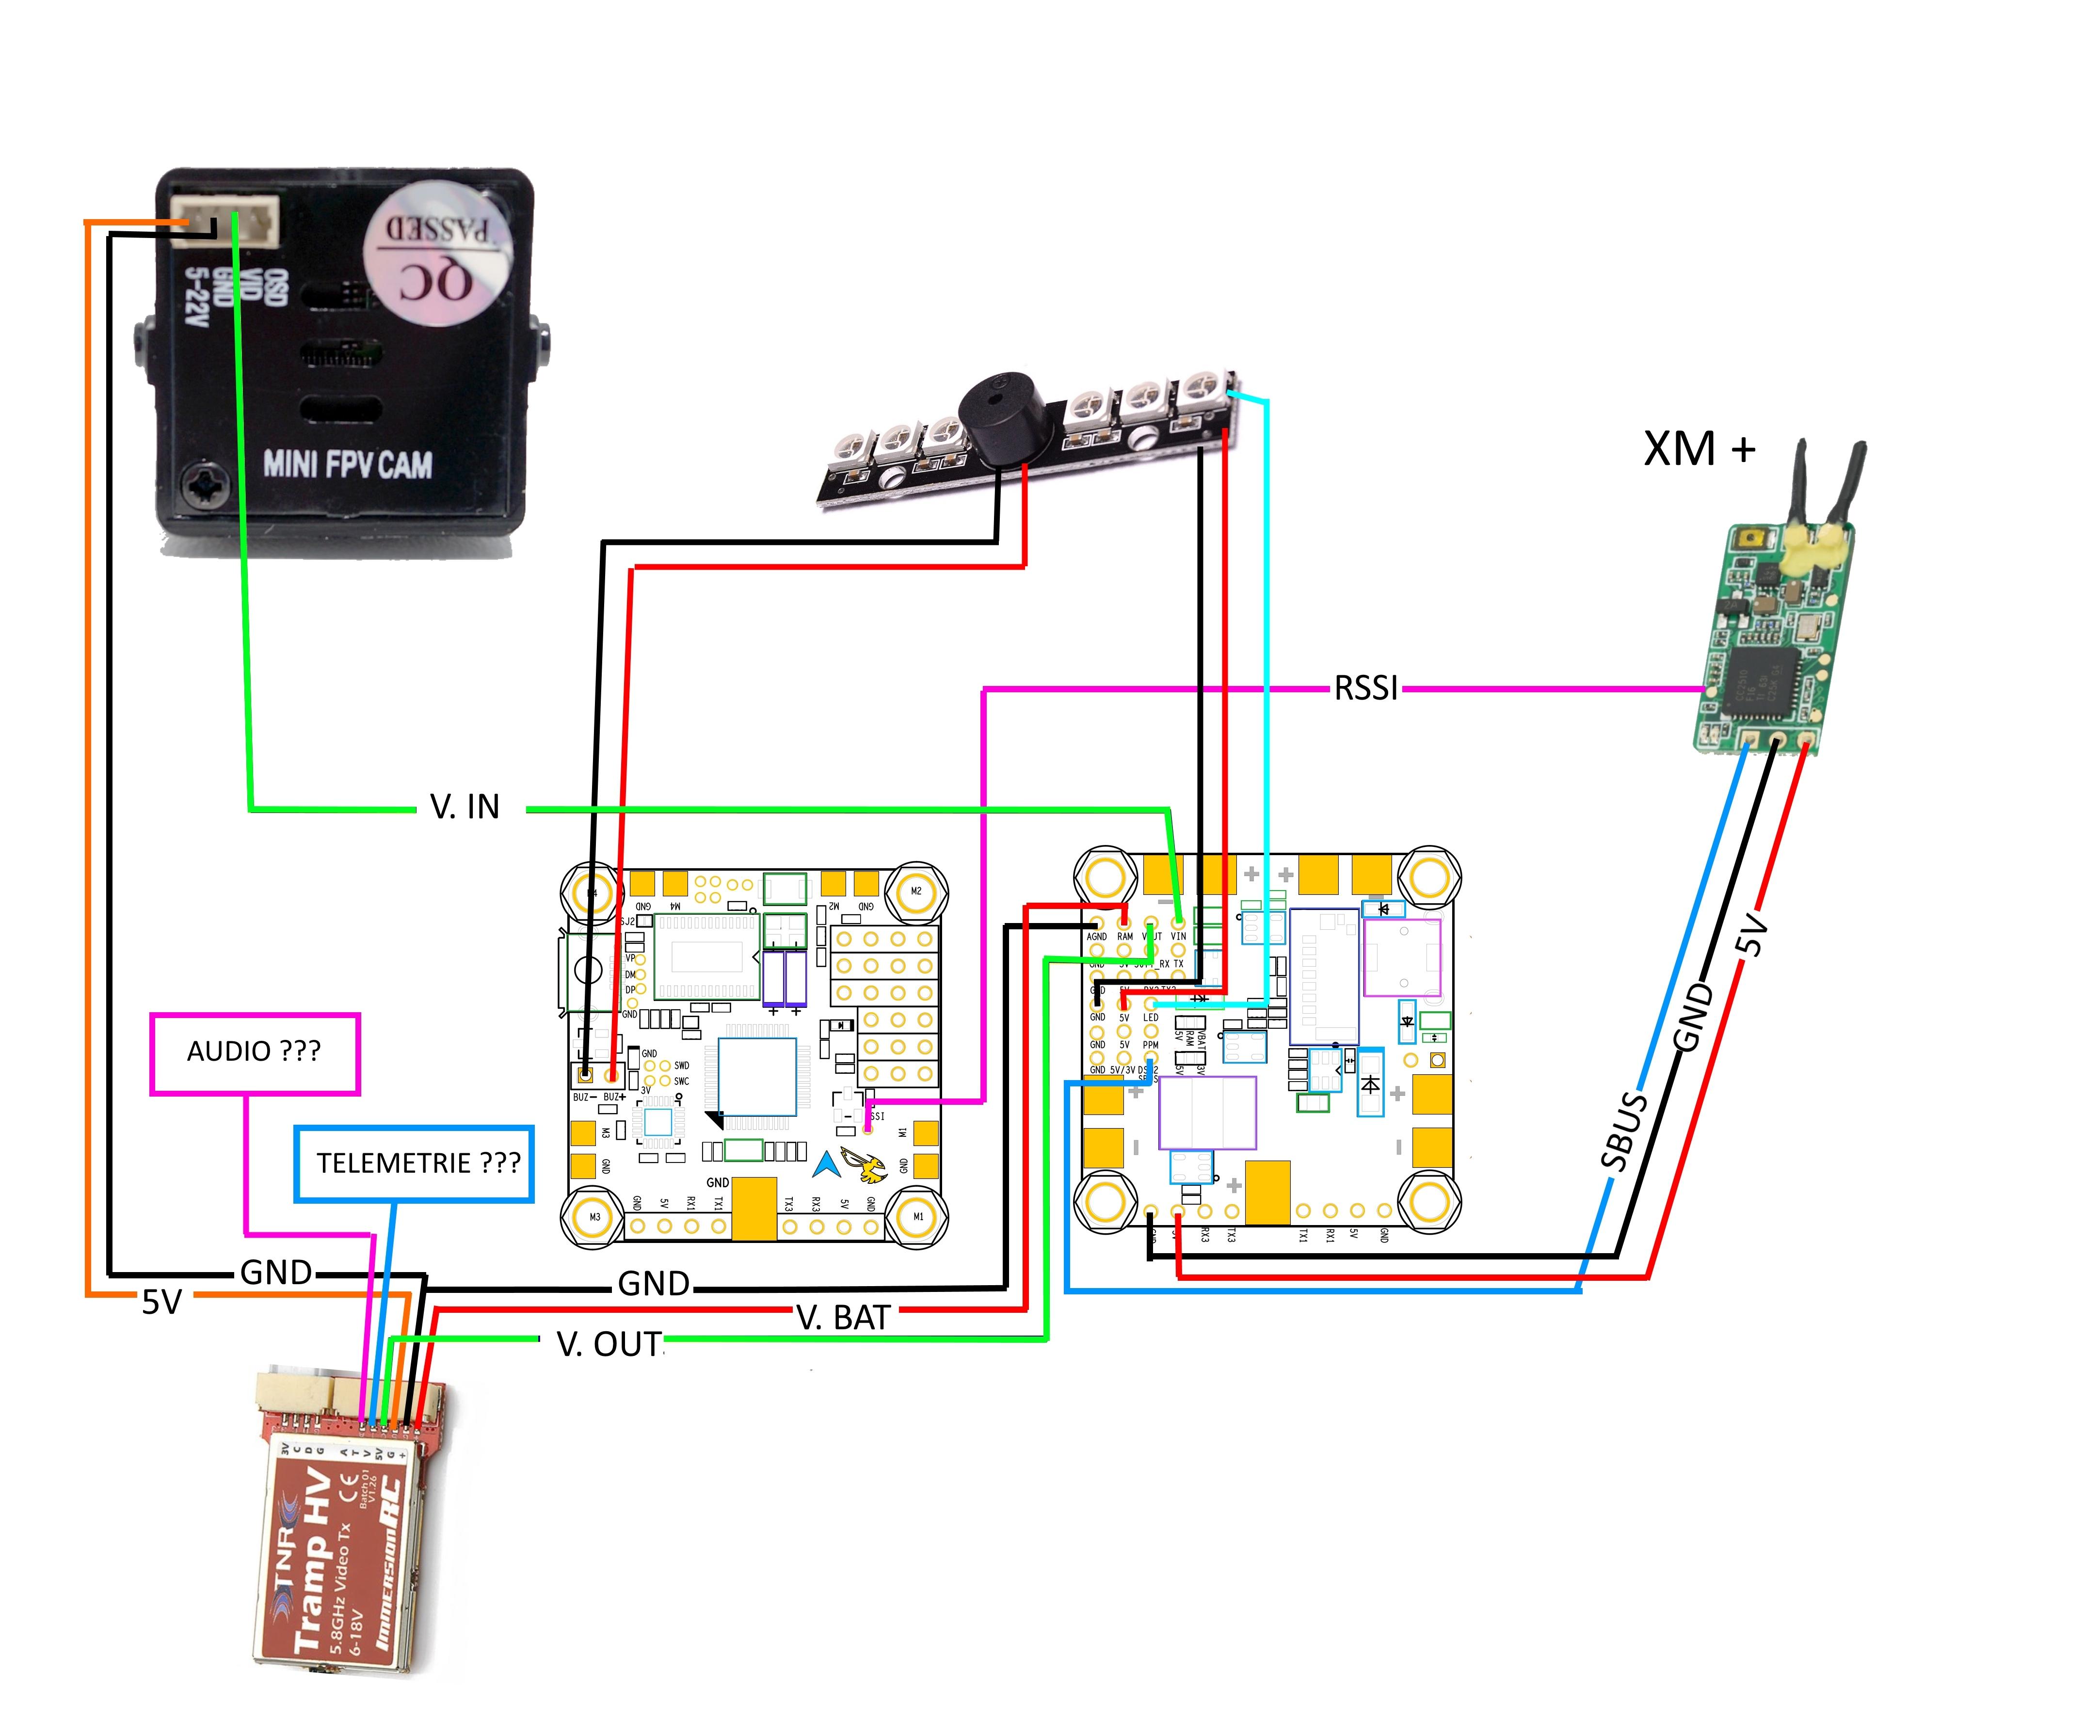 Tramp HV - Betaflight F3 - XM + et télémétrie ? - Le matos